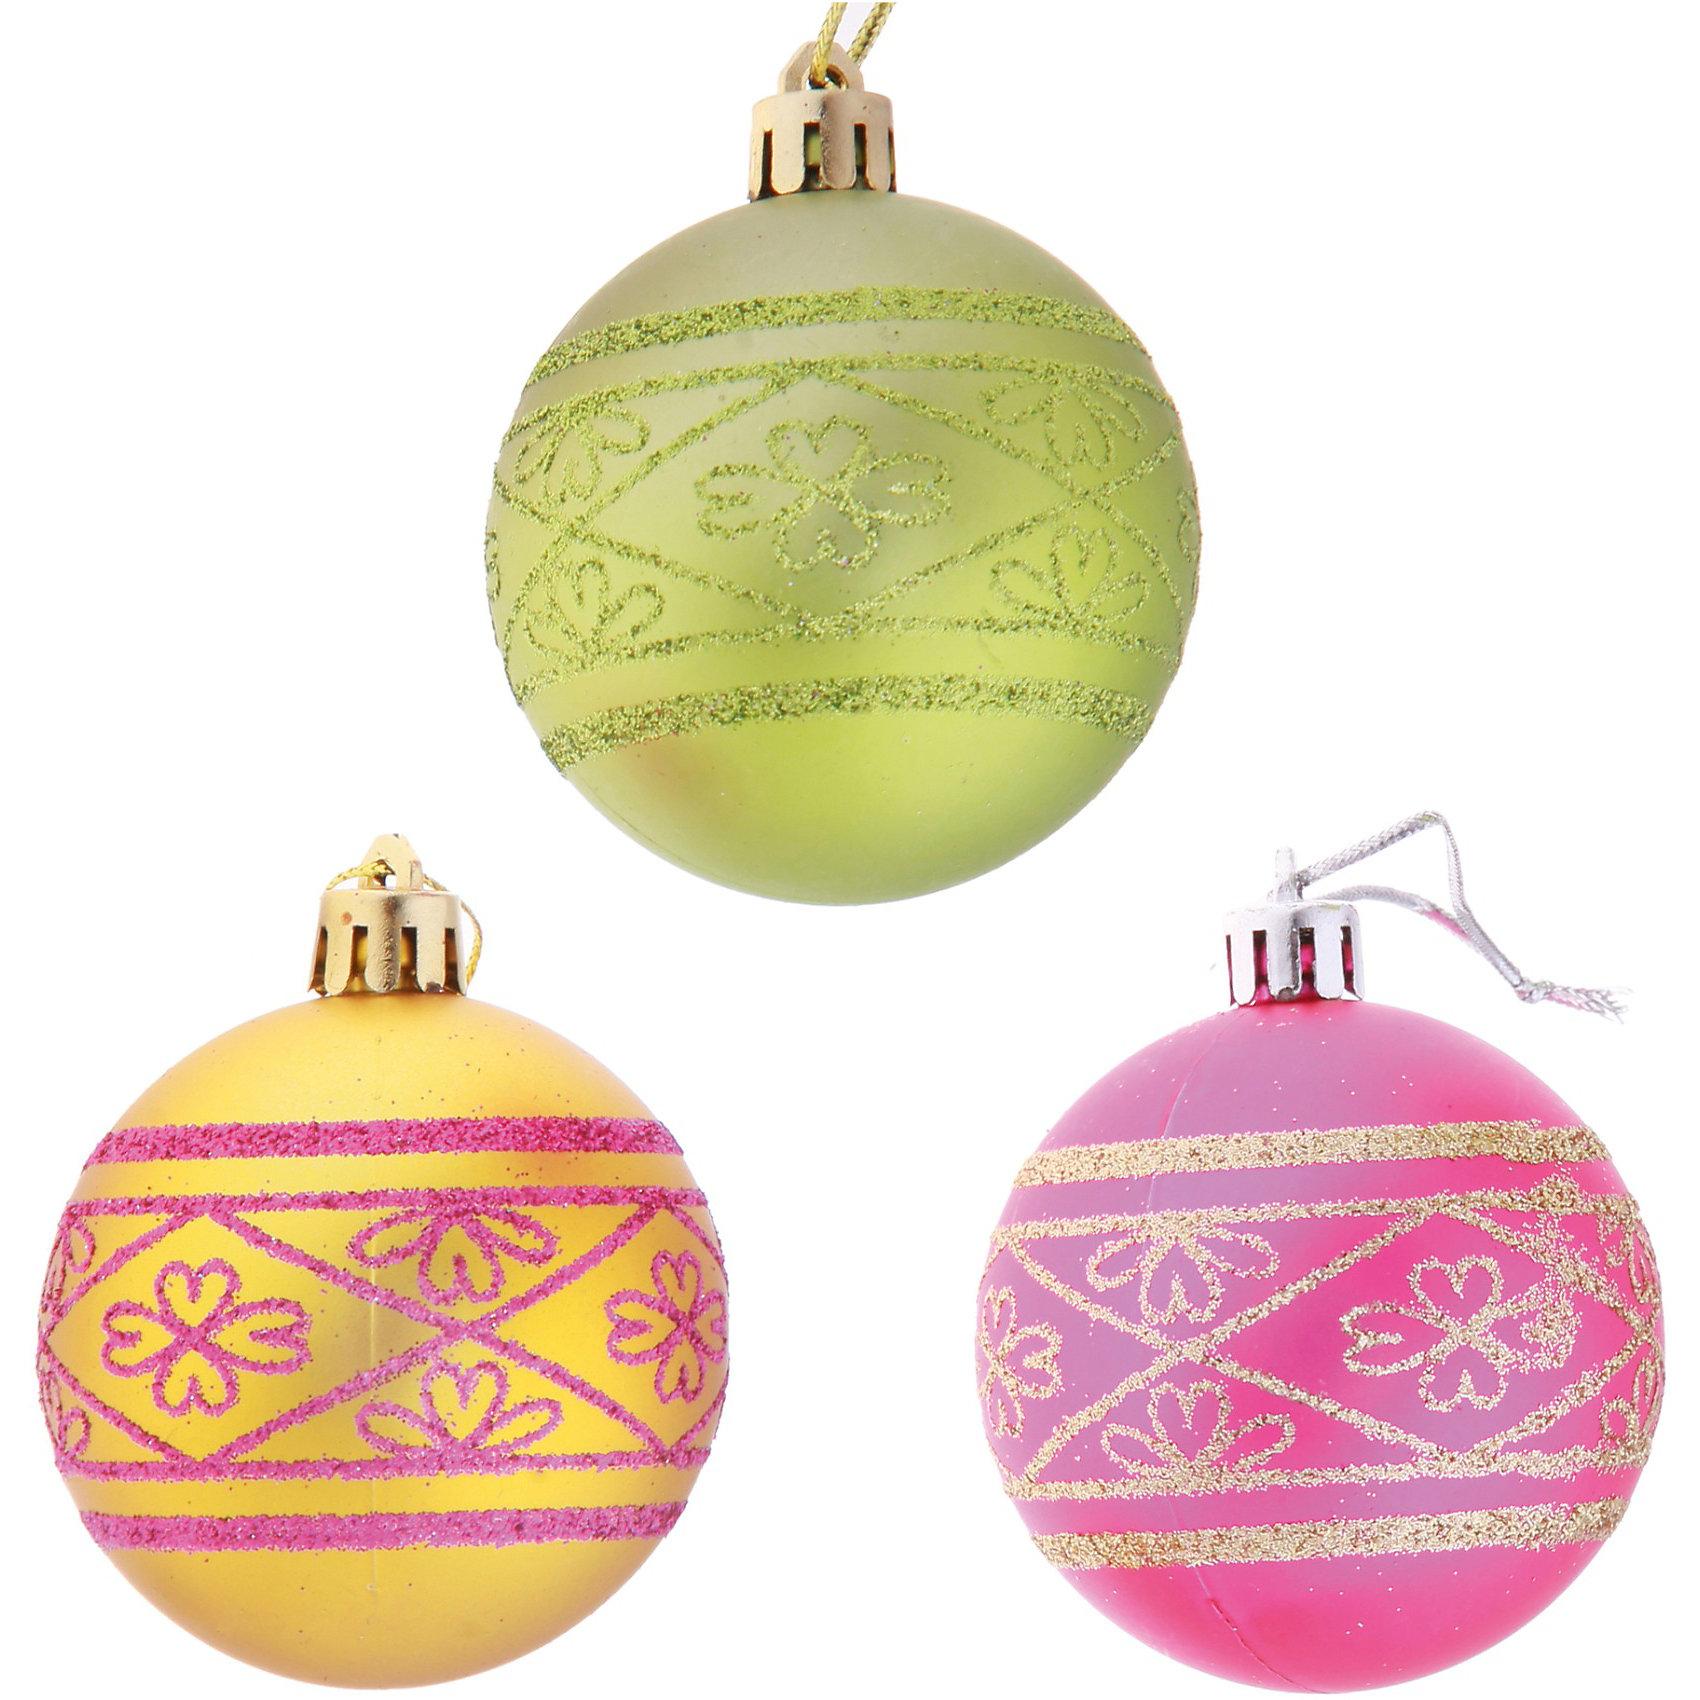 Набор шаров с узором (6 шт, диаметр 6 см), Волшебная странаЁлочные игрушки<br>Набор шаров с узором, Волшебная страна станет замечательным украшением для Вашей новогодней елки и поможет создать праздничную волшебную атмосферу. В комплекте шесть разноцветных шаров, украшенных симпатичным узором с блестками. Шары выполнены из пластика, не бьются и безопасны для детей.<br><br>Дополнительная информация:<br><br>- В комплекте: 6 шт.<br>- Материал: пластик.<br>- Диаметр шара: 6 см.<br>- Размер упаковки: 17,5 x 5,8 x 11,6 см.<br>- Вес: 87 гр.<br><br>Набор шаров с узором, Волшебная страна можно купить в нашем интернет-магазине.<br><br>Ширина мм: 620<br>Глубина мм: 60<br>Высота мм: 120<br>Вес г: 84<br>Возраст от месяцев: 36<br>Возраст до месяцев: 2147483647<br>Пол: Унисекс<br>Возраст: Детский<br>SKU: 3800232